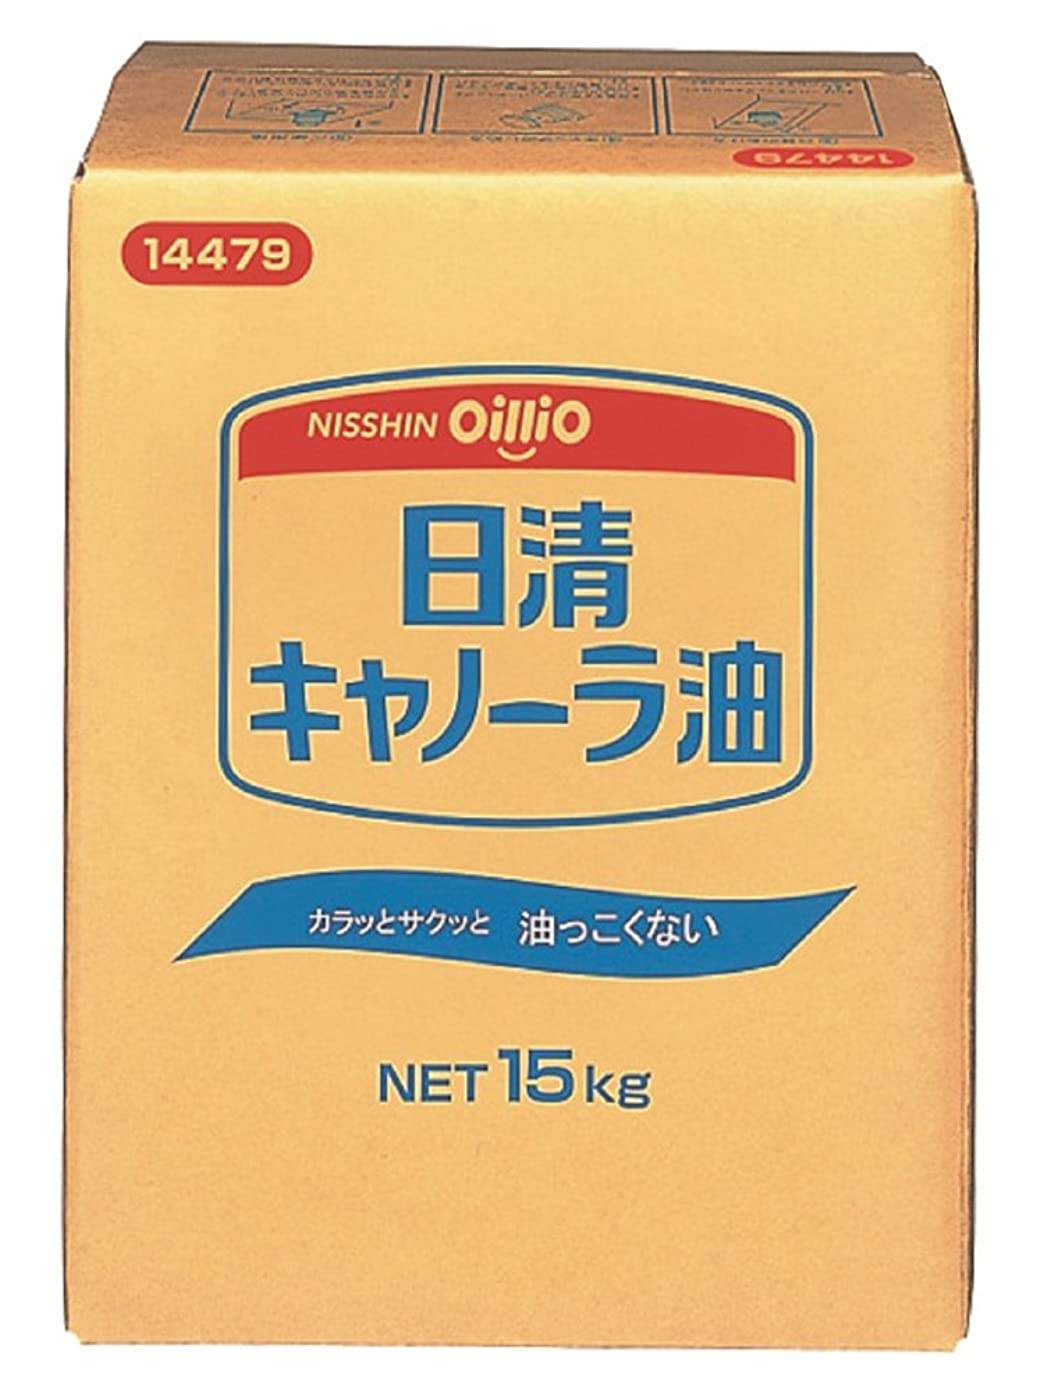 類似性控えめなピザ味の素 バラエティオイルギフト PX-50C 17-2933-065